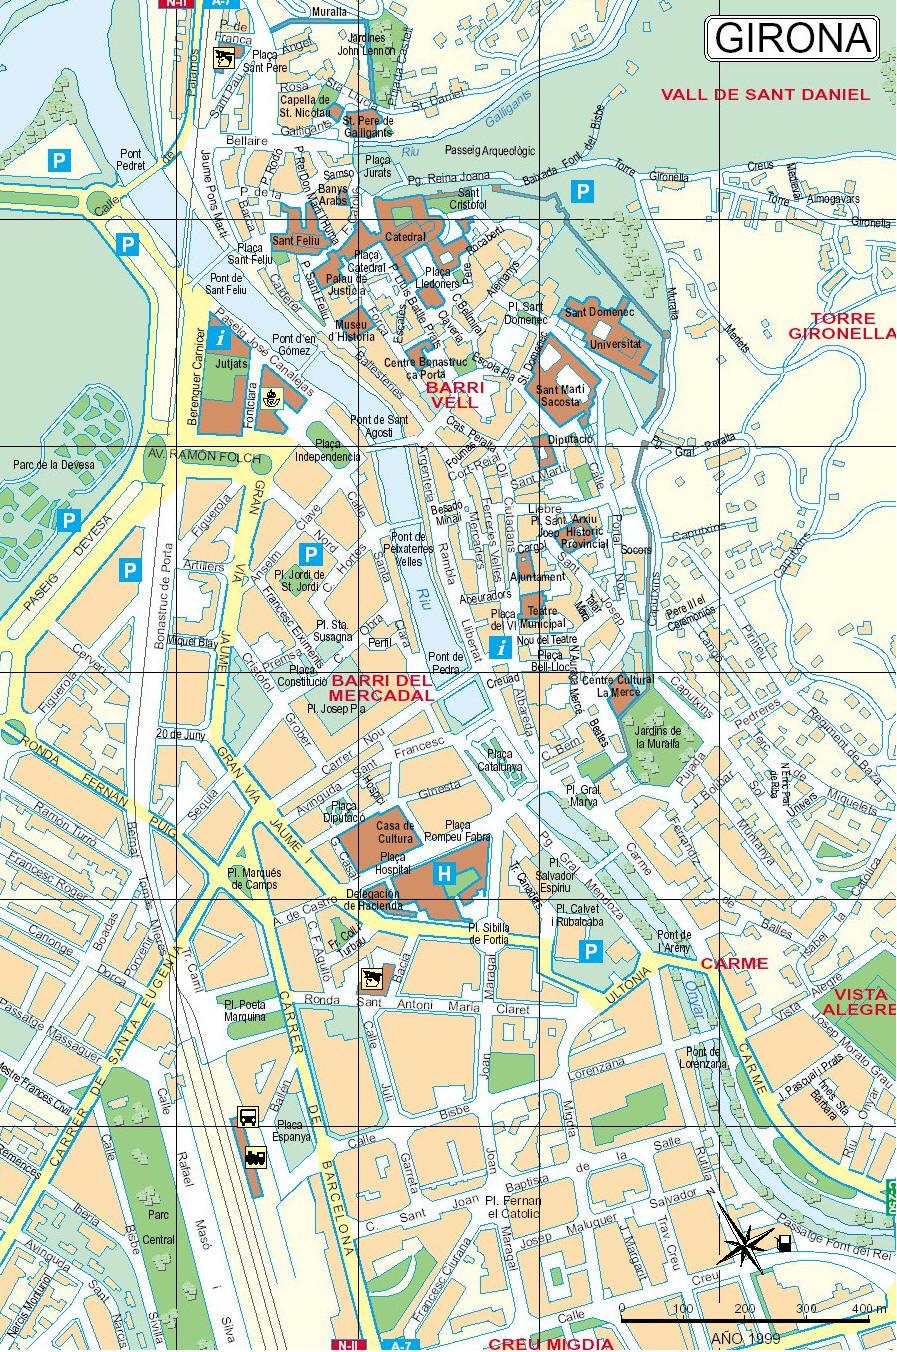 Cartina Mappa Spagna.Mappa Girona Cartina Di Girona In Spagna